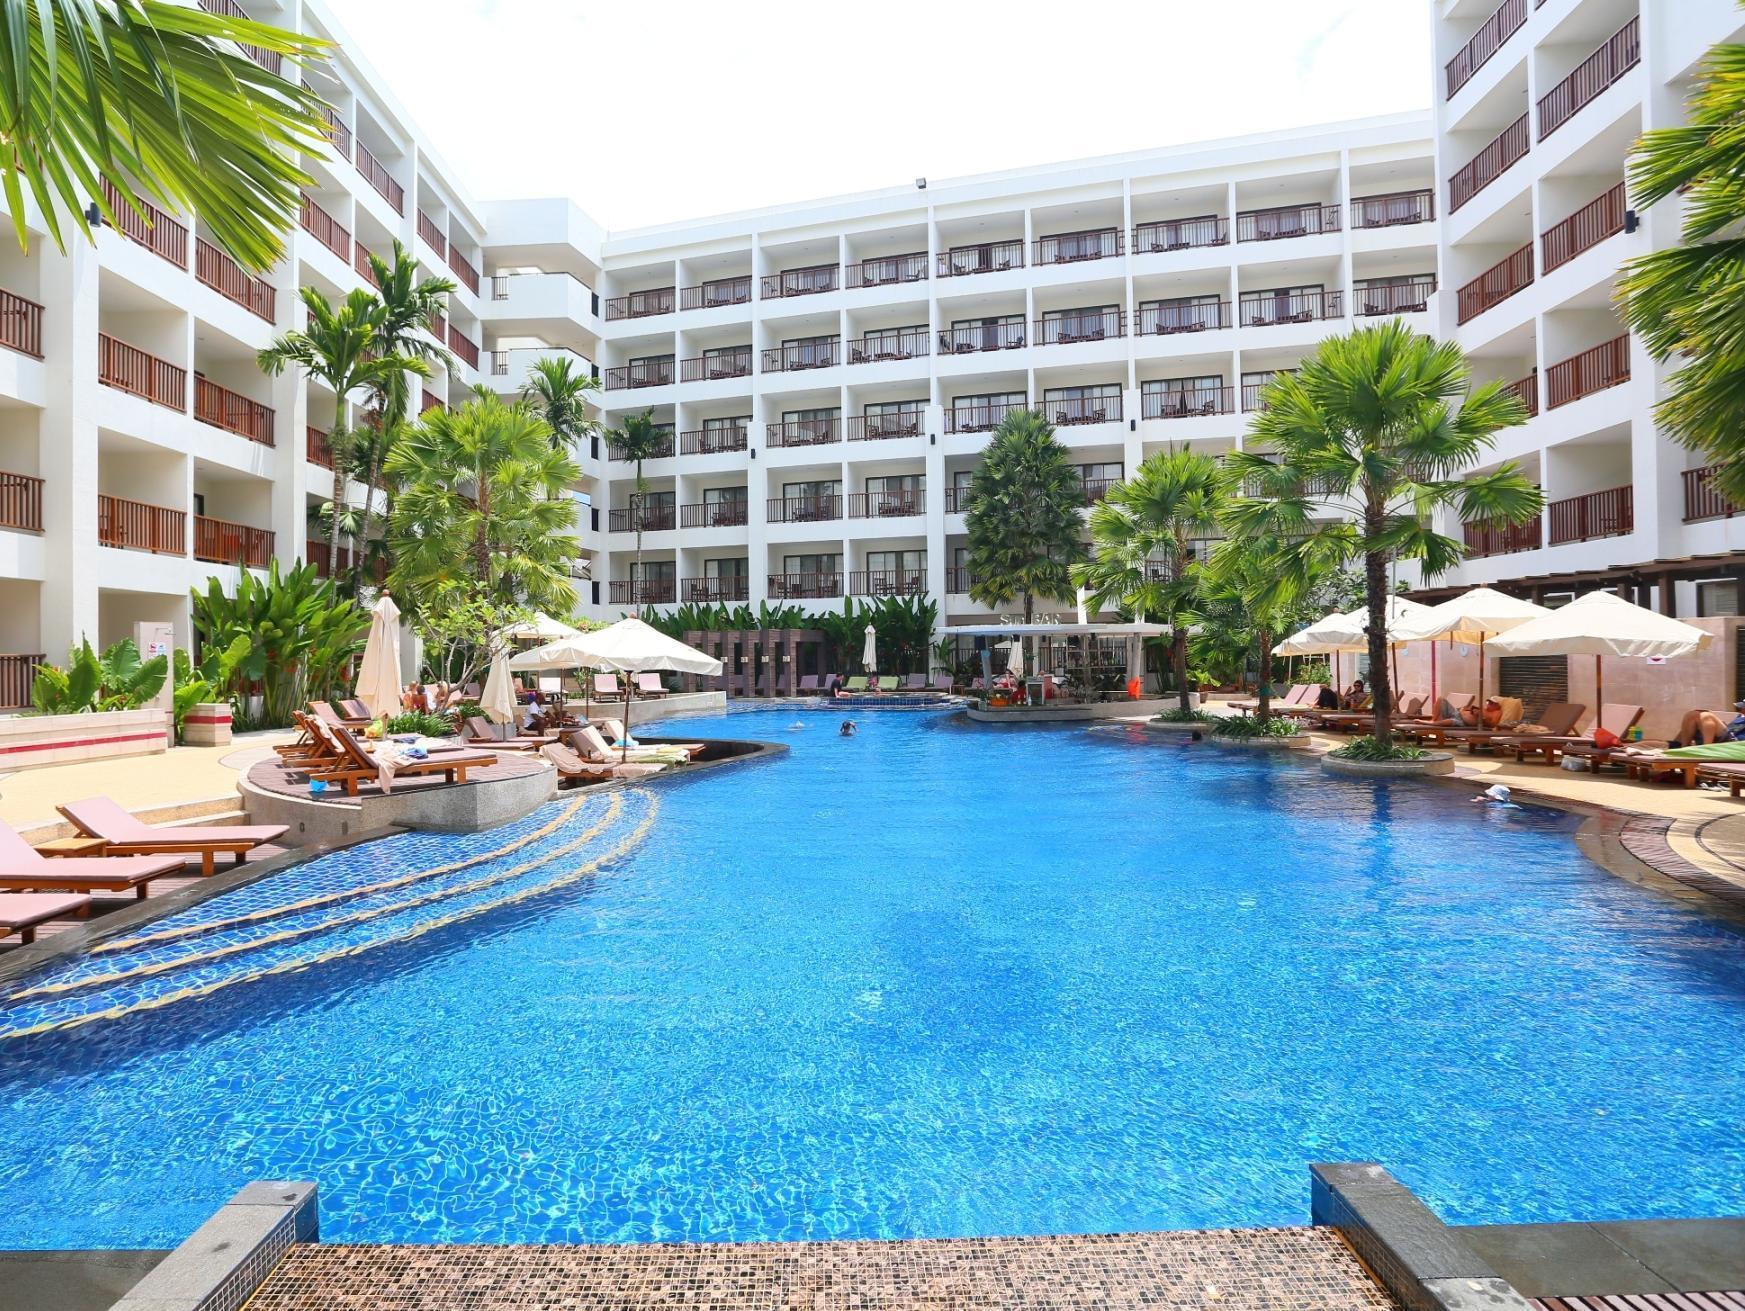 Hotell Mercure Phuket Deevana Patong Hotel i , Phuket. Klicka för att läsa mer och skicka bokningsförfrågan